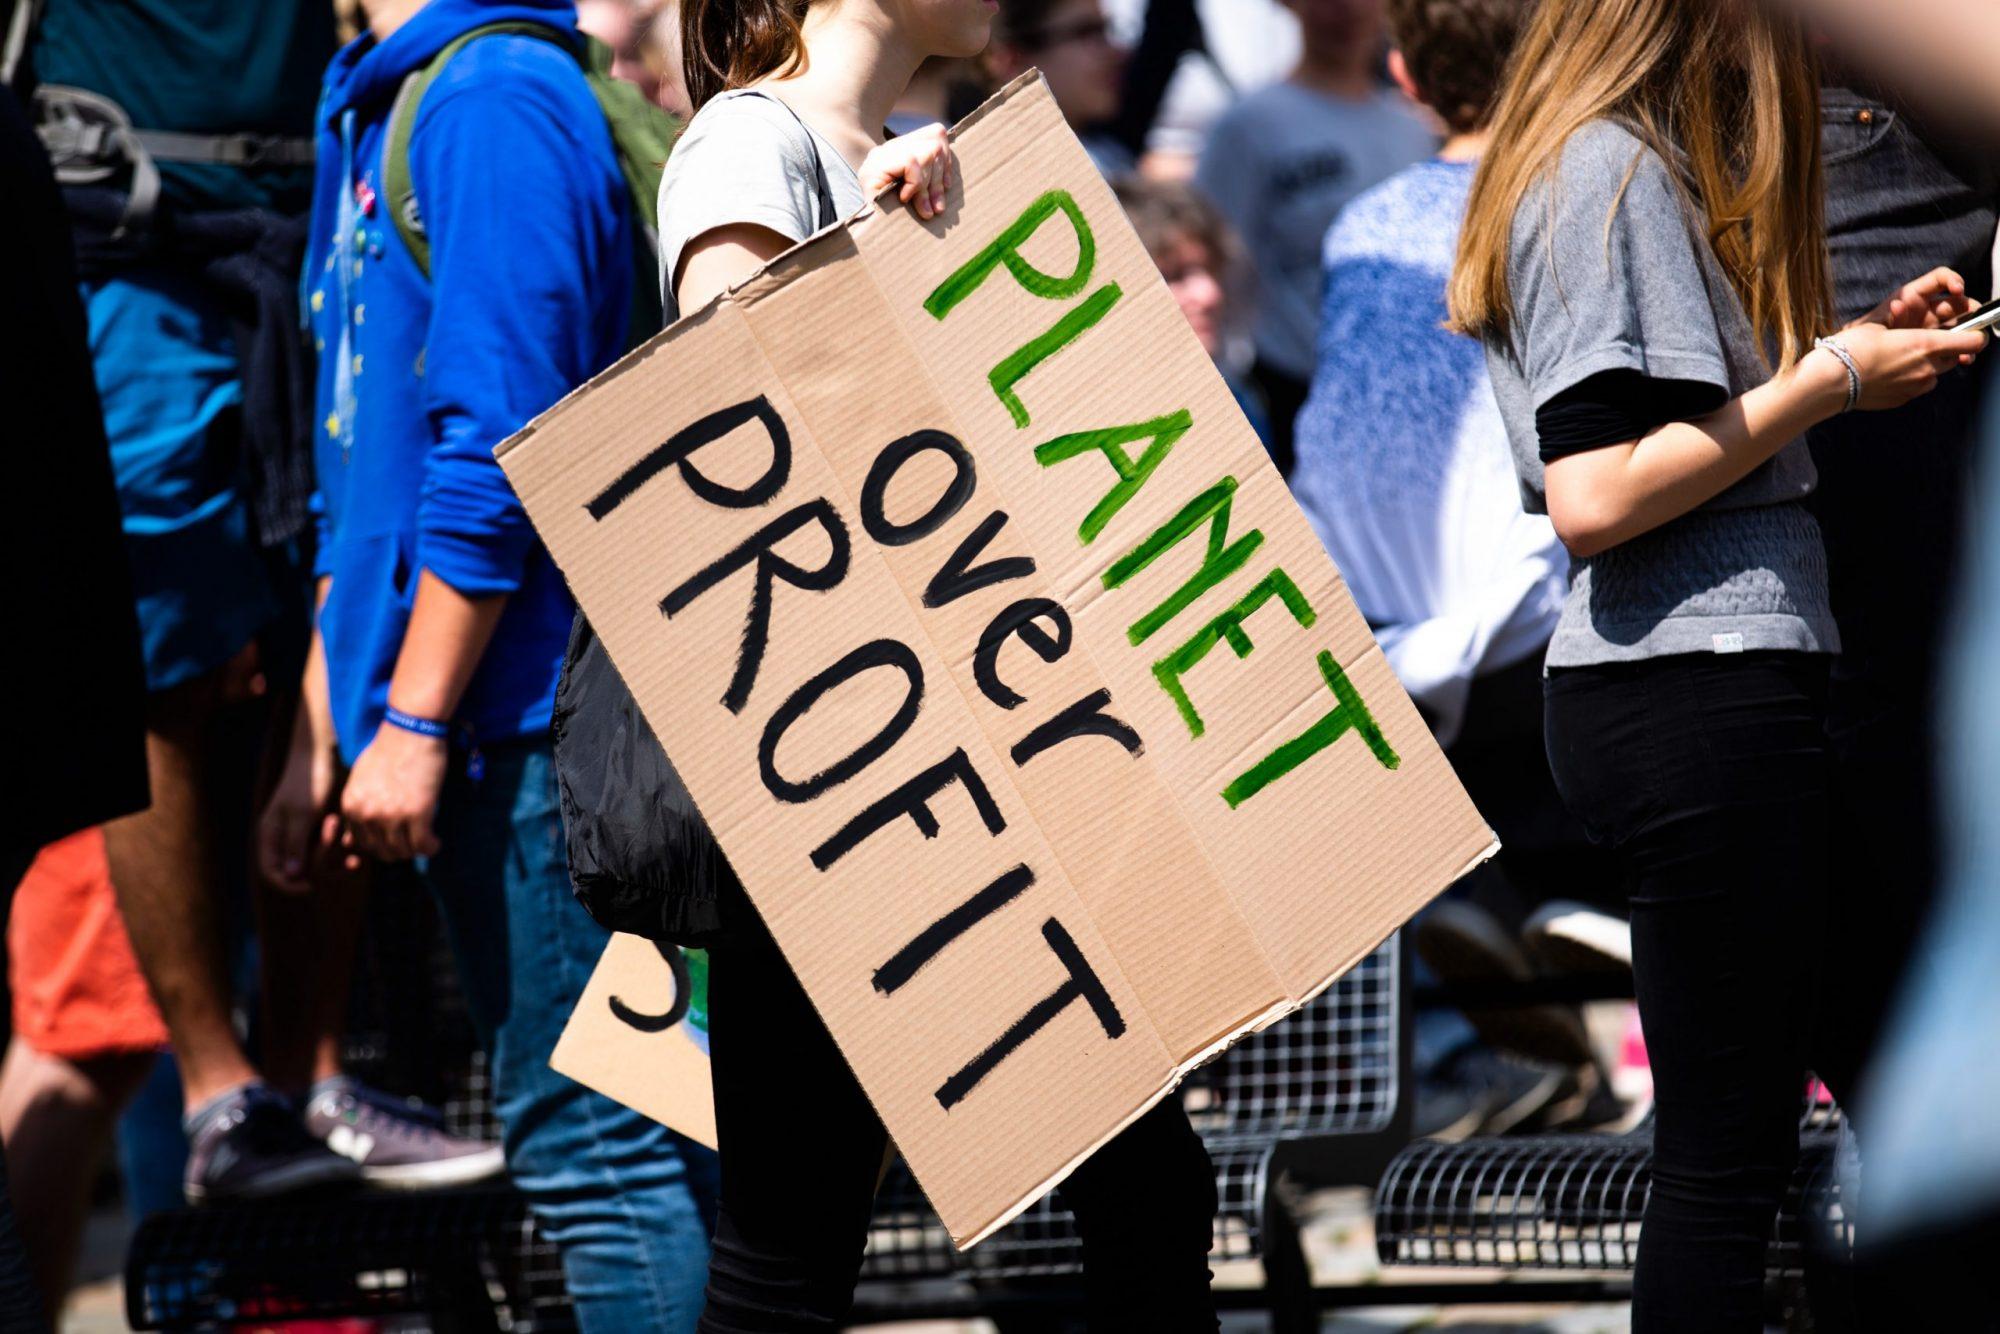 planet over profit sur une pancarte